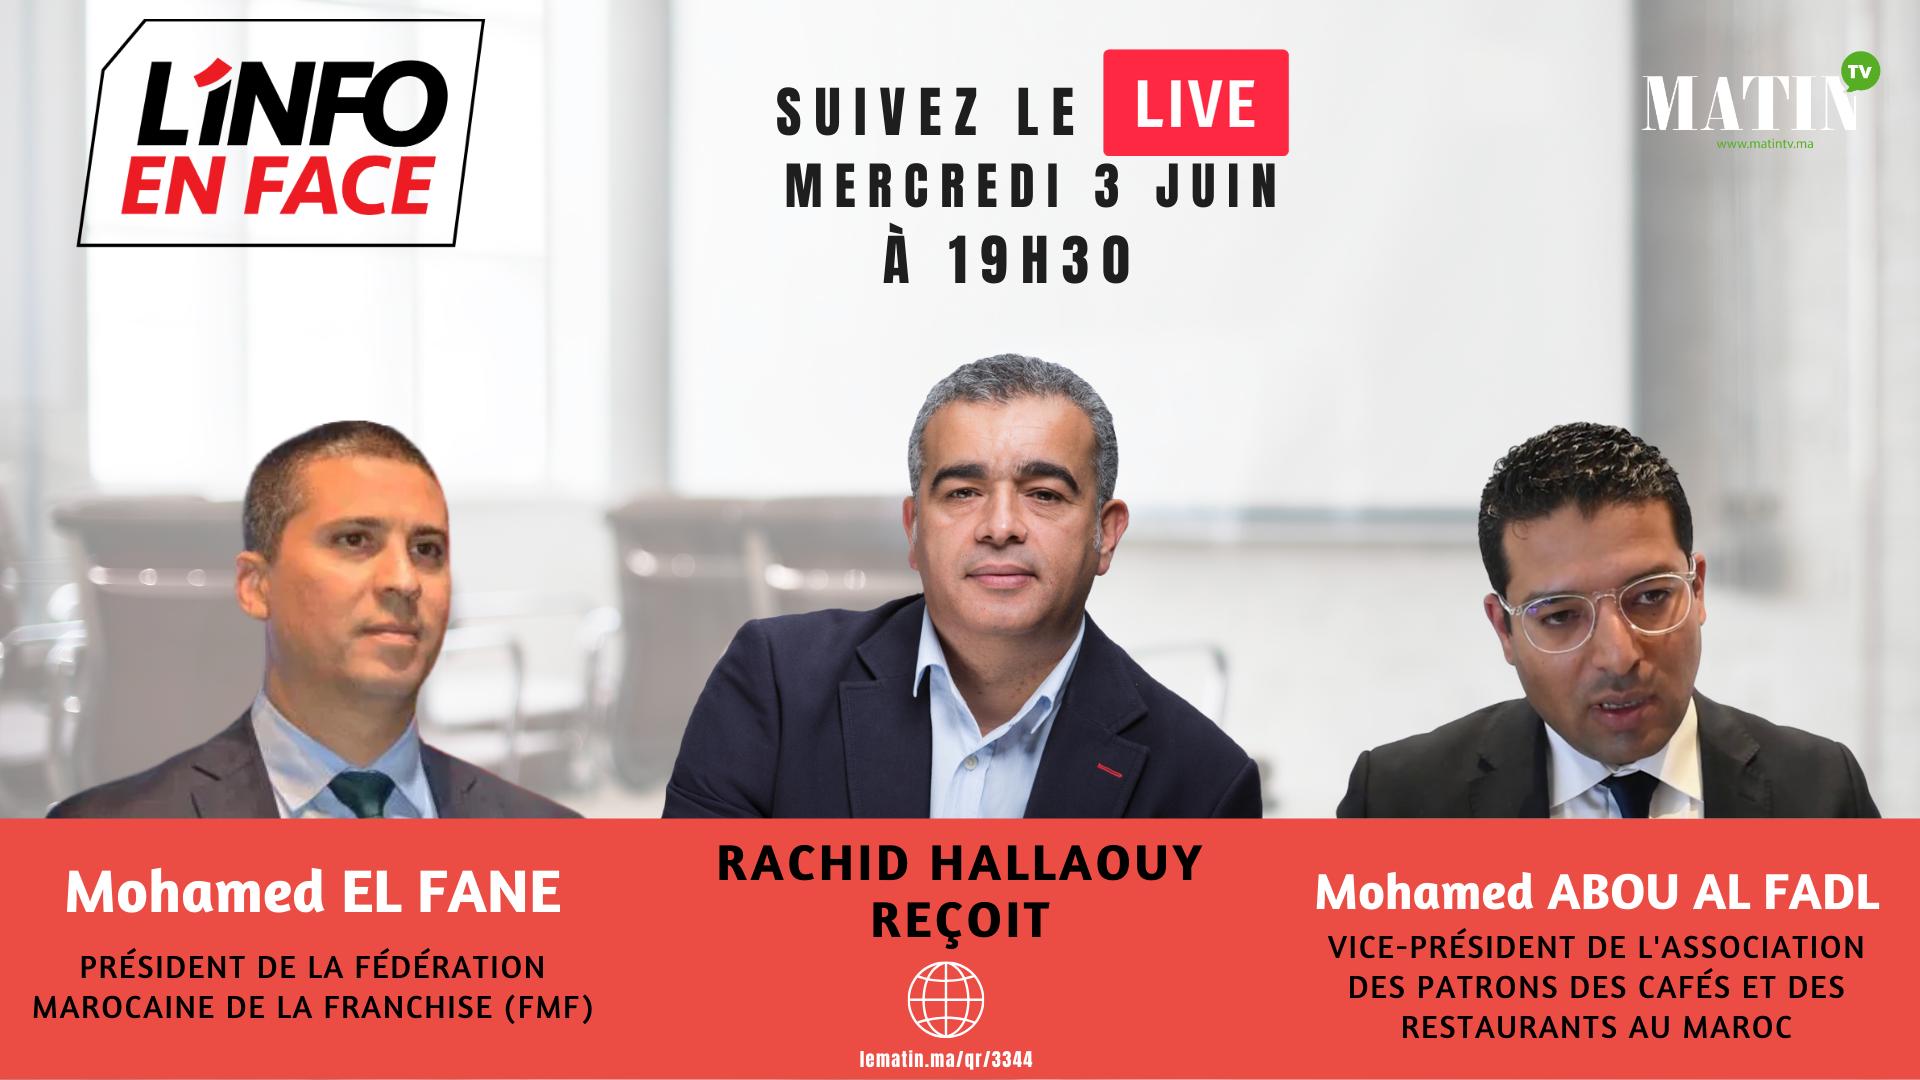 Live : L'Info en Face avec Mohamed El Fane et Mohamed Abou Al Fadl